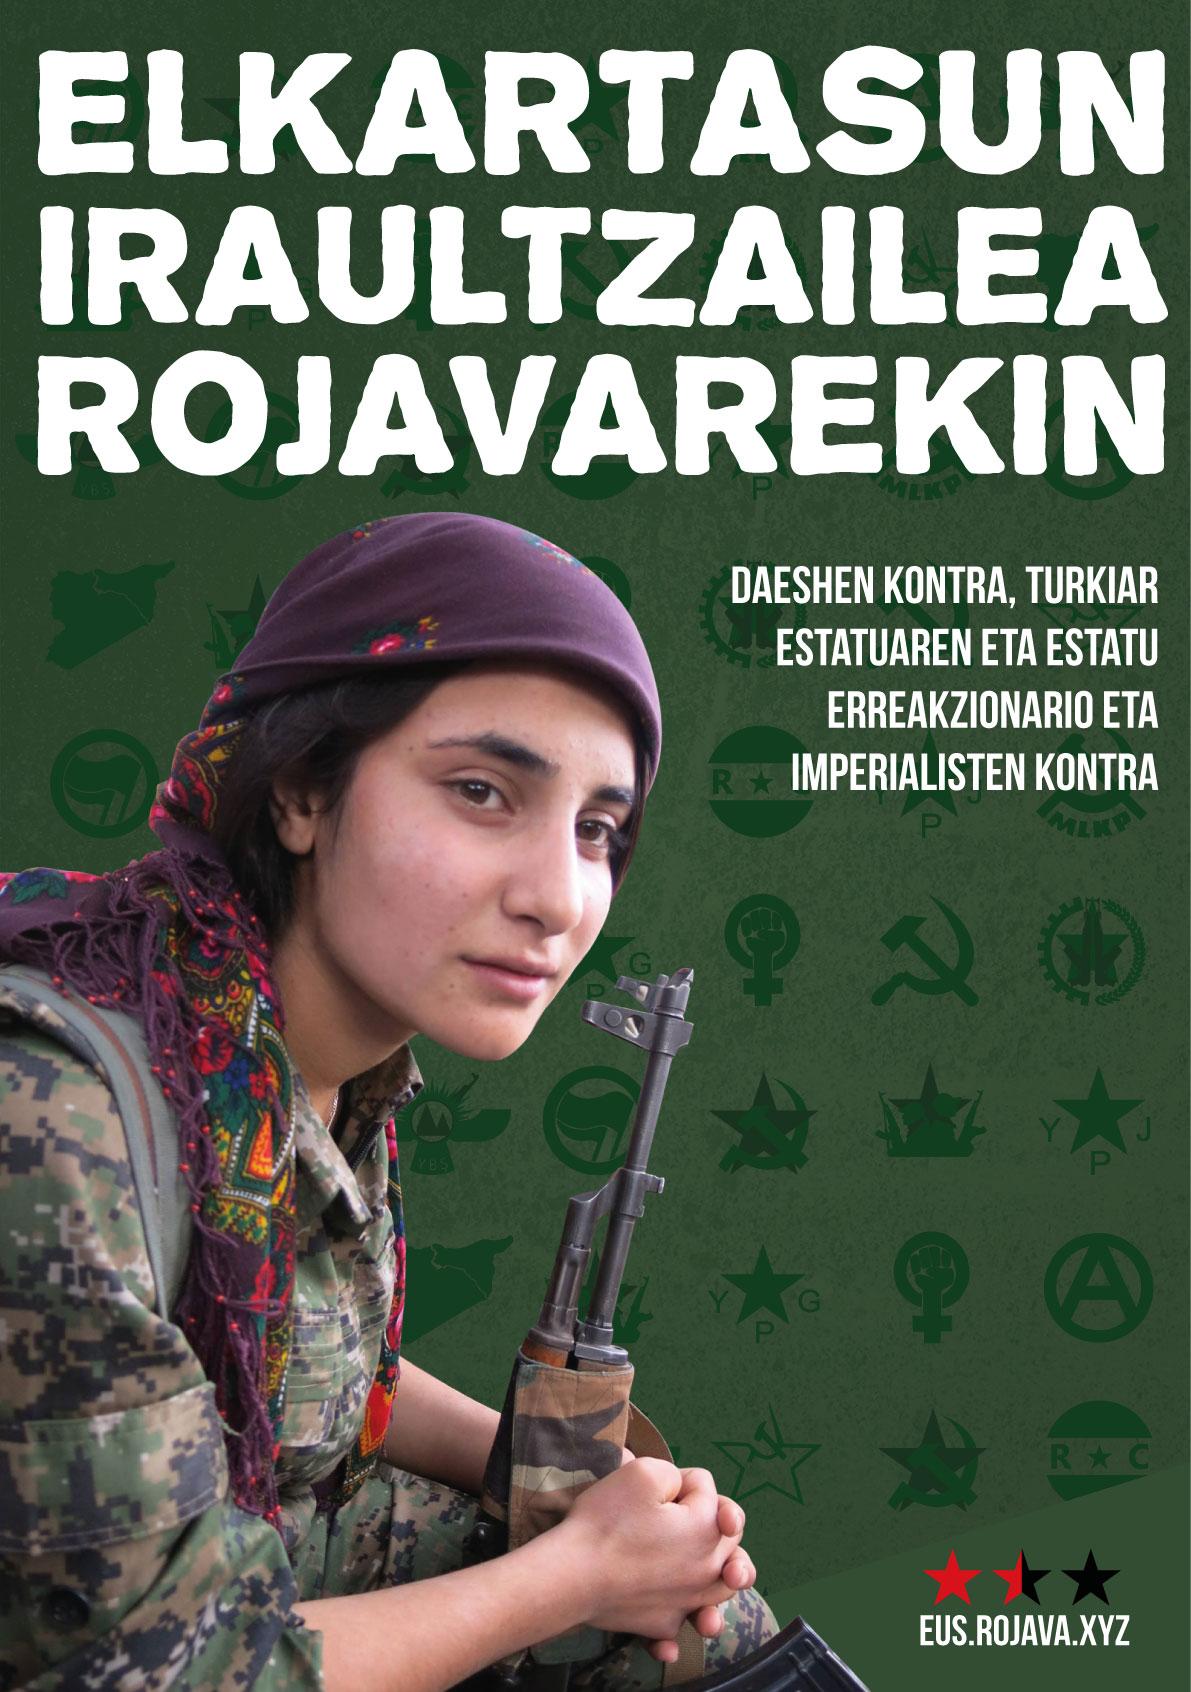 Elkartasun iraultzailea Rojavarekin